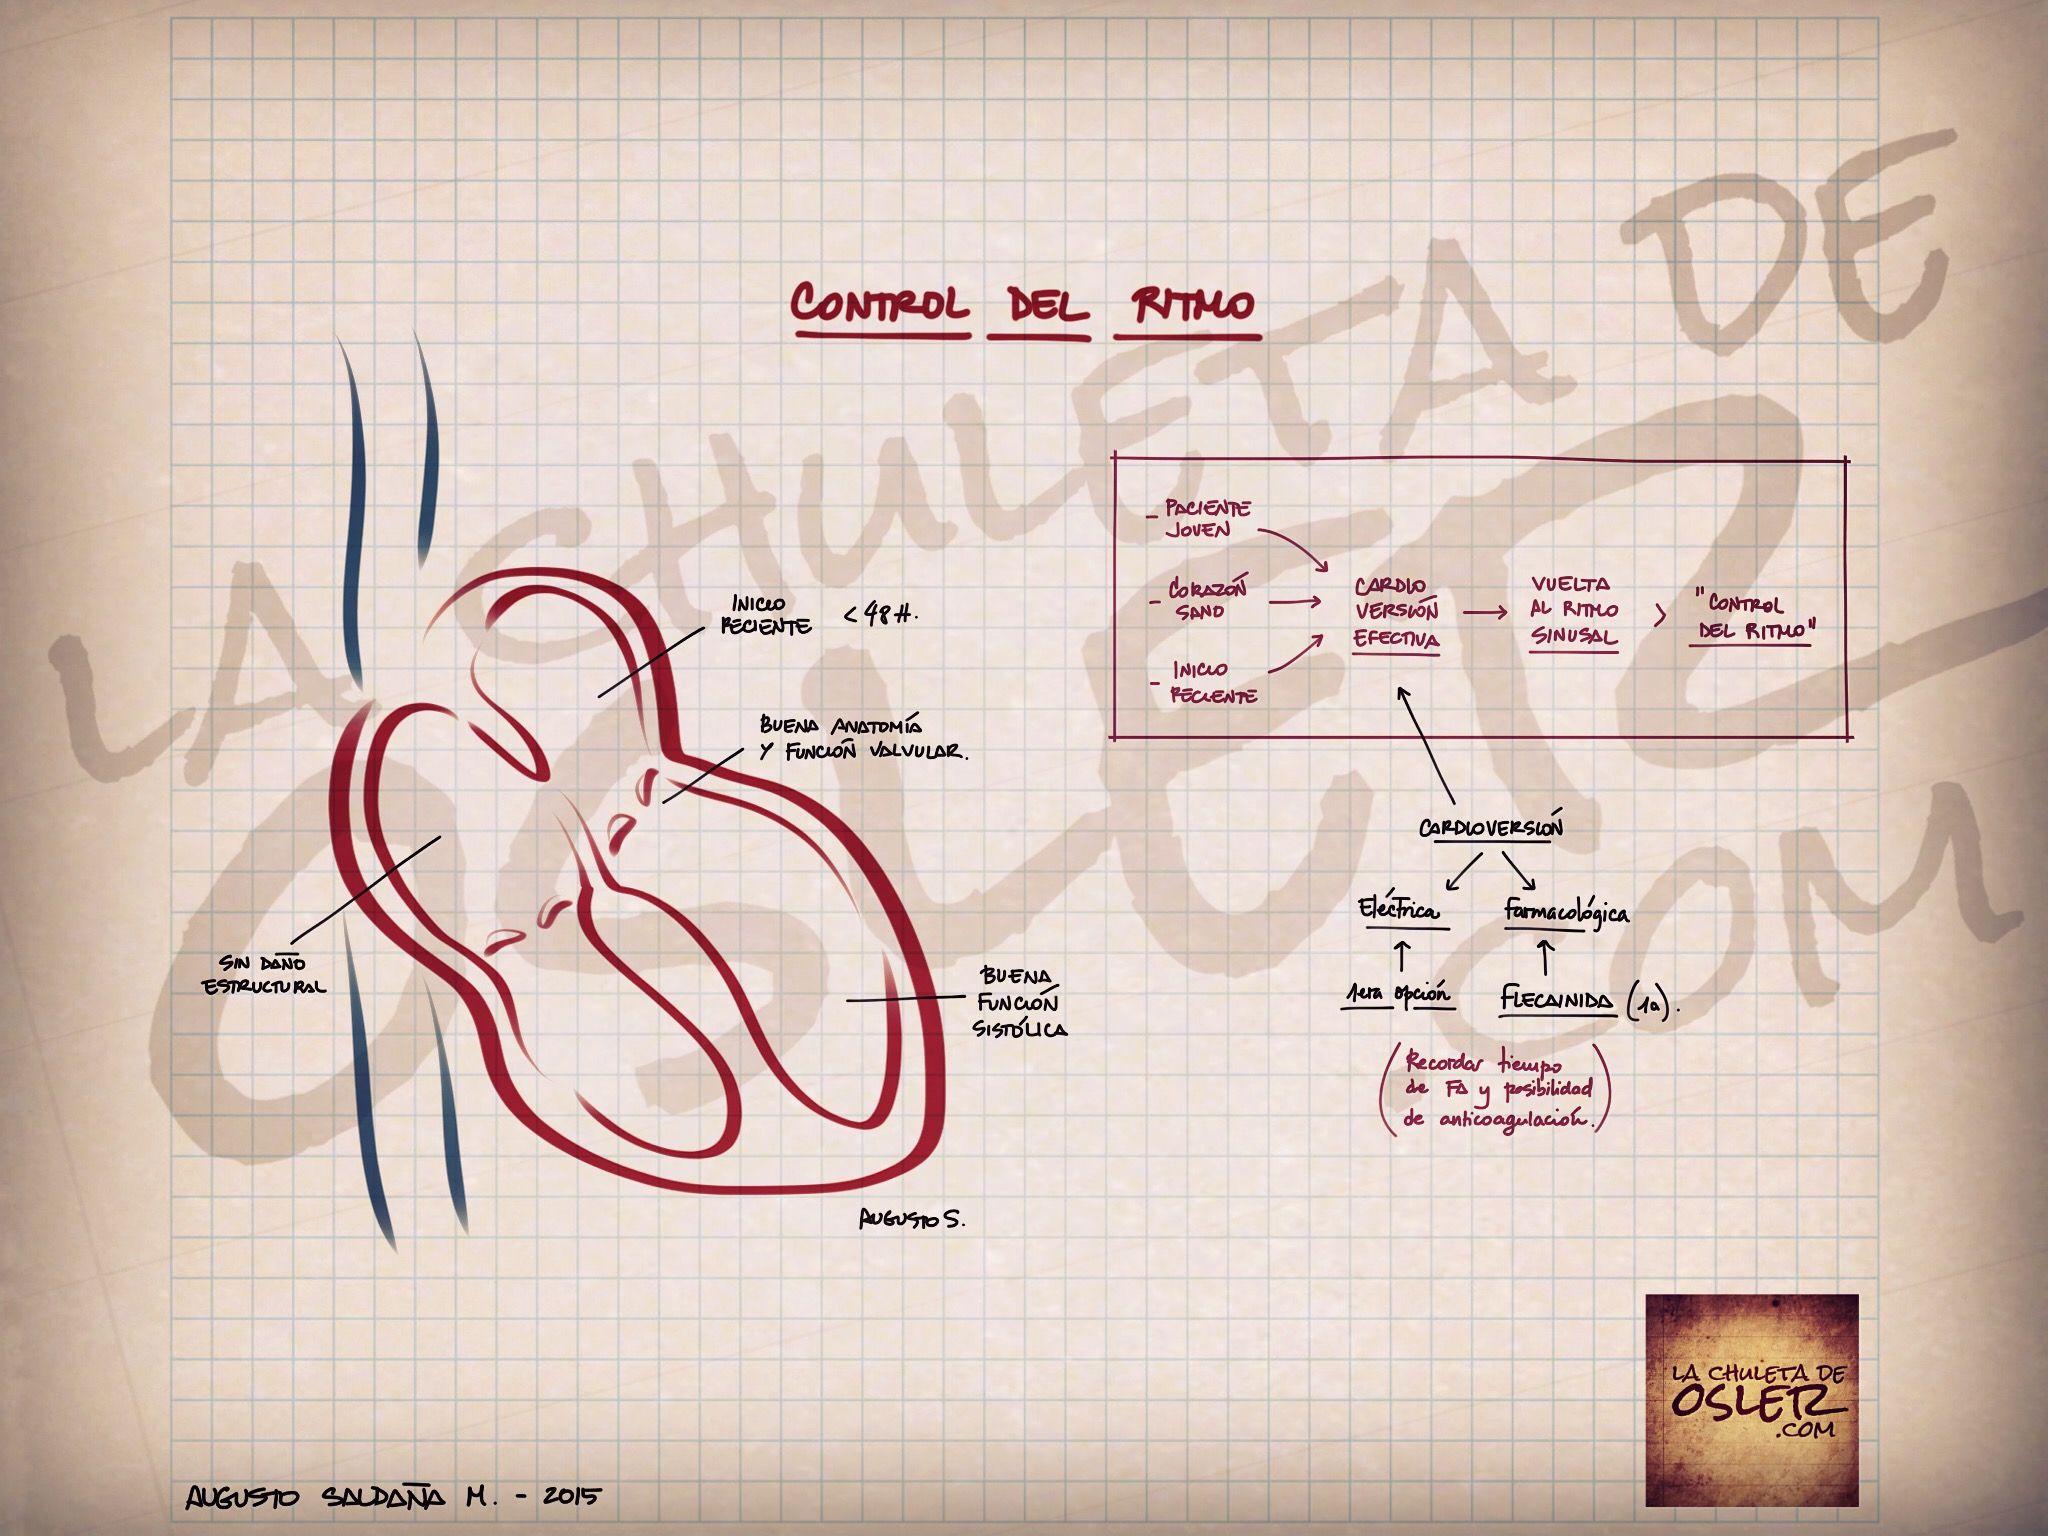 Hipertensión arterial en inglés